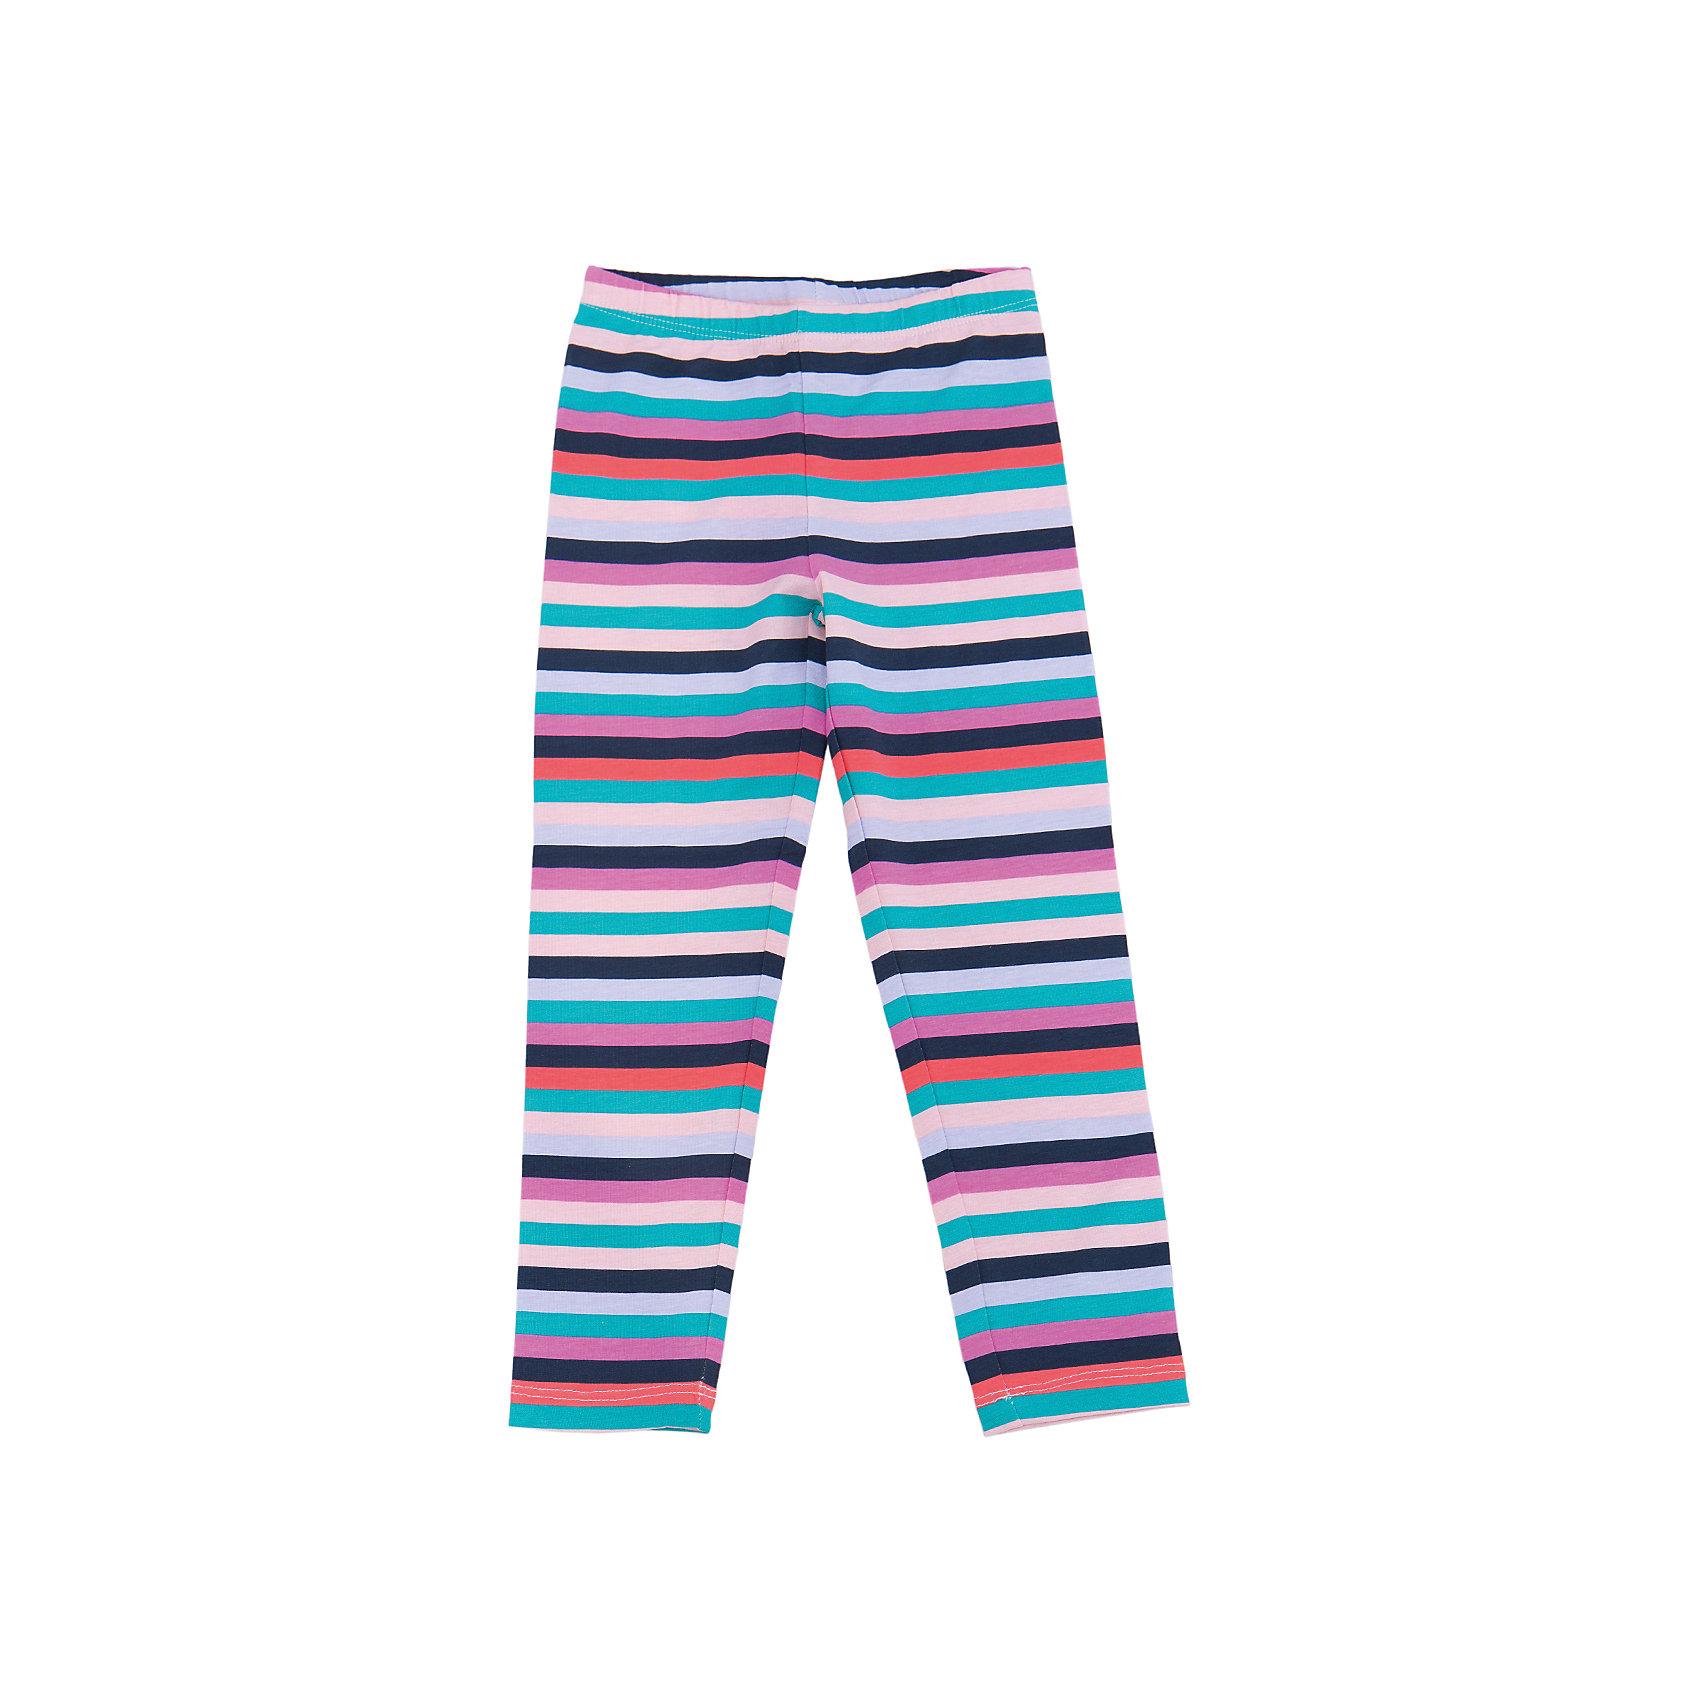 Леггинсы для девочки SELAЛеггинсы<br>Леггинсы - незаменимая вещь в детском гардеробе. Эта модель отлично сидит на ребенке, она сшита из приятного на ощупь материала, натуральный хлопок не вызывает аллергии и обеспечивает ребенку комфорт. Модель станет отличной базовой вещью, которая будет уместна в различных сочетаниях.<br>Одежда от бренда Sela (Села) - это качество по приемлемым ценам. Многие российские родители уже оценили преимущества продукции этой компании и всё чаще приобретают одежду и аксессуары Sela.<br><br>Дополнительная информация:<br><br>материал: хлопок 95%, эластан 5%;<br>эластичный материал;<br>резинка на поясе.<br><br>Леггинсы для девочки от бренда Sela можно купить в нашем интернет-магазине.<br><br>Ширина мм: 215<br>Глубина мм: 88<br>Высота мм: 191<br>Вес г: 336<br>Цвет: розовый<br>Возраст от месяцев: 60<br>Возраст до месяцев: 72<br>Пол: Женский<br>Возраст: Детский<br>Размер: 116,110,92,98,104<br>SKU: 5008099